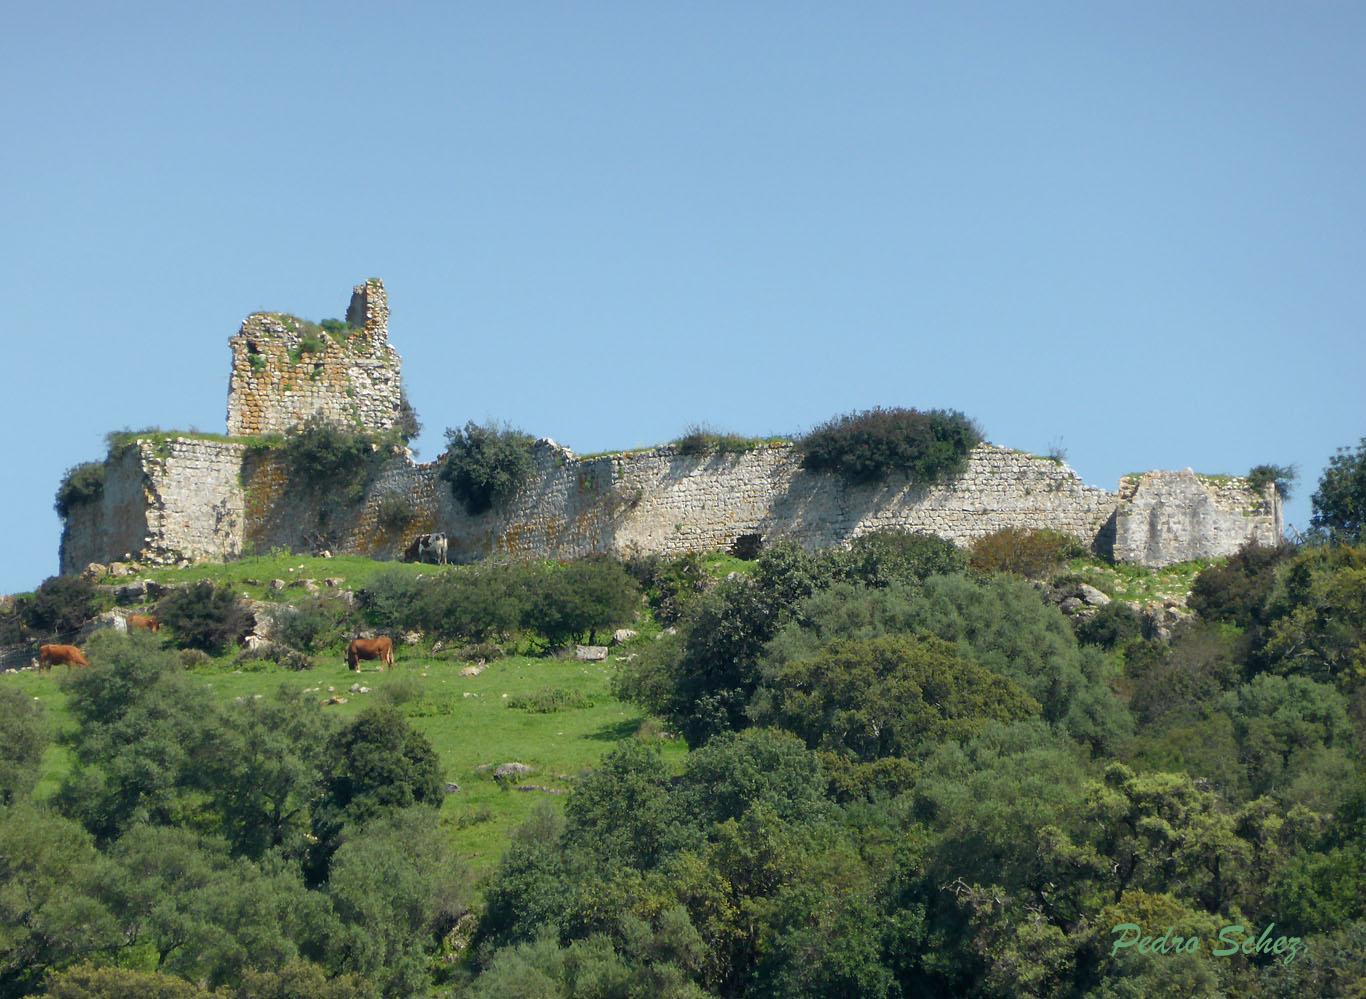 02-P1000095-Castillo de Matrera-Vista desde Rancho-Pedro Sanchez